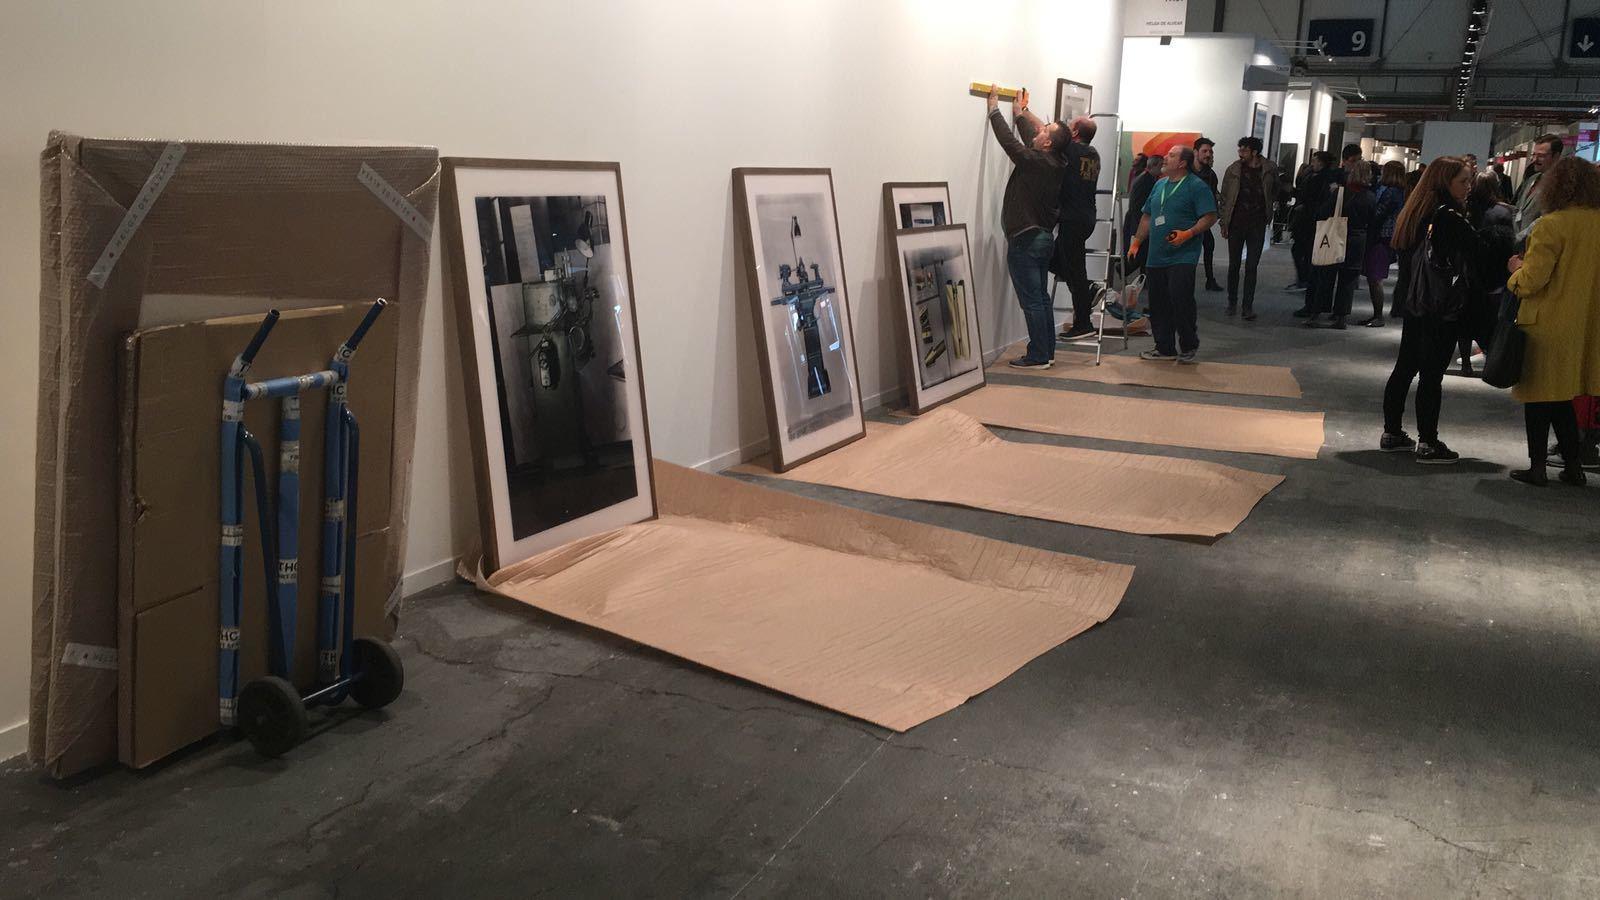 Operaris instal·lant les obres de Thomas Ruff en substitució de l'obra de Santiago Sierra